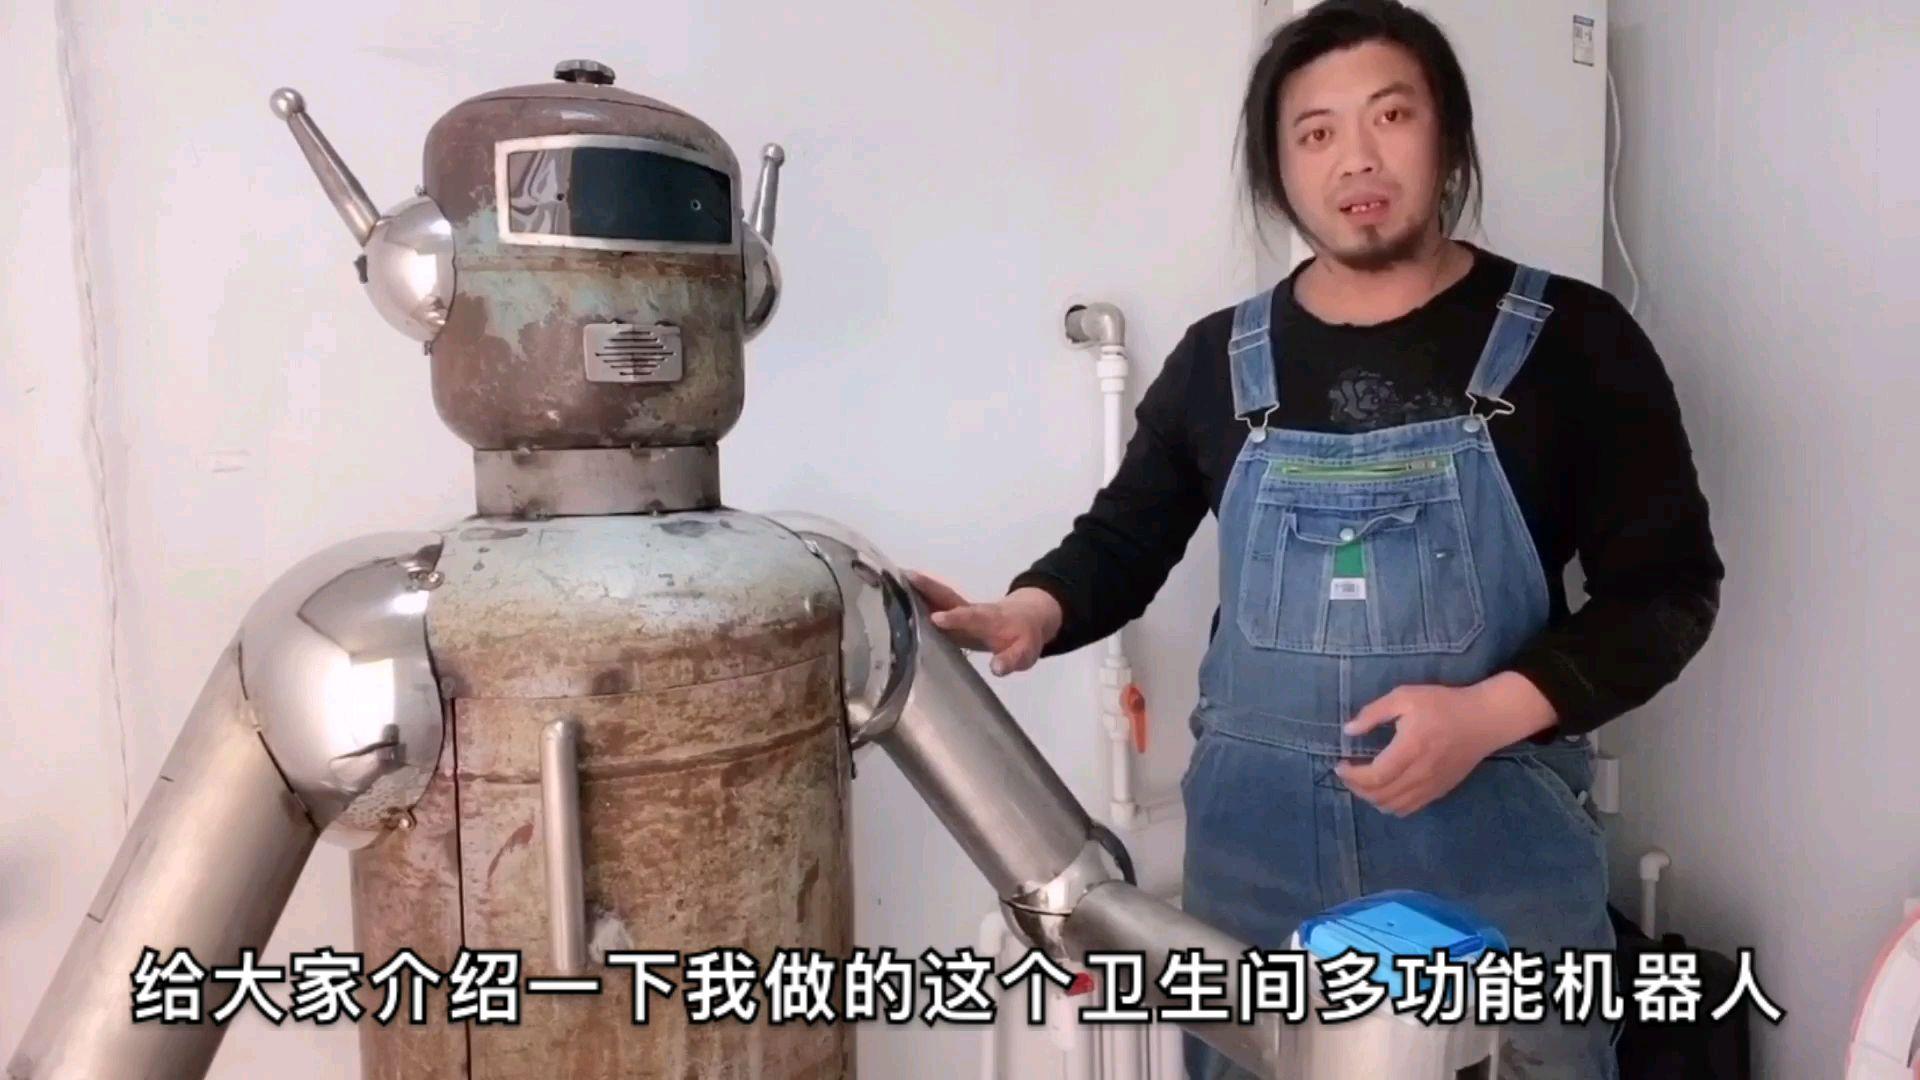 自制卫生间多用机器人